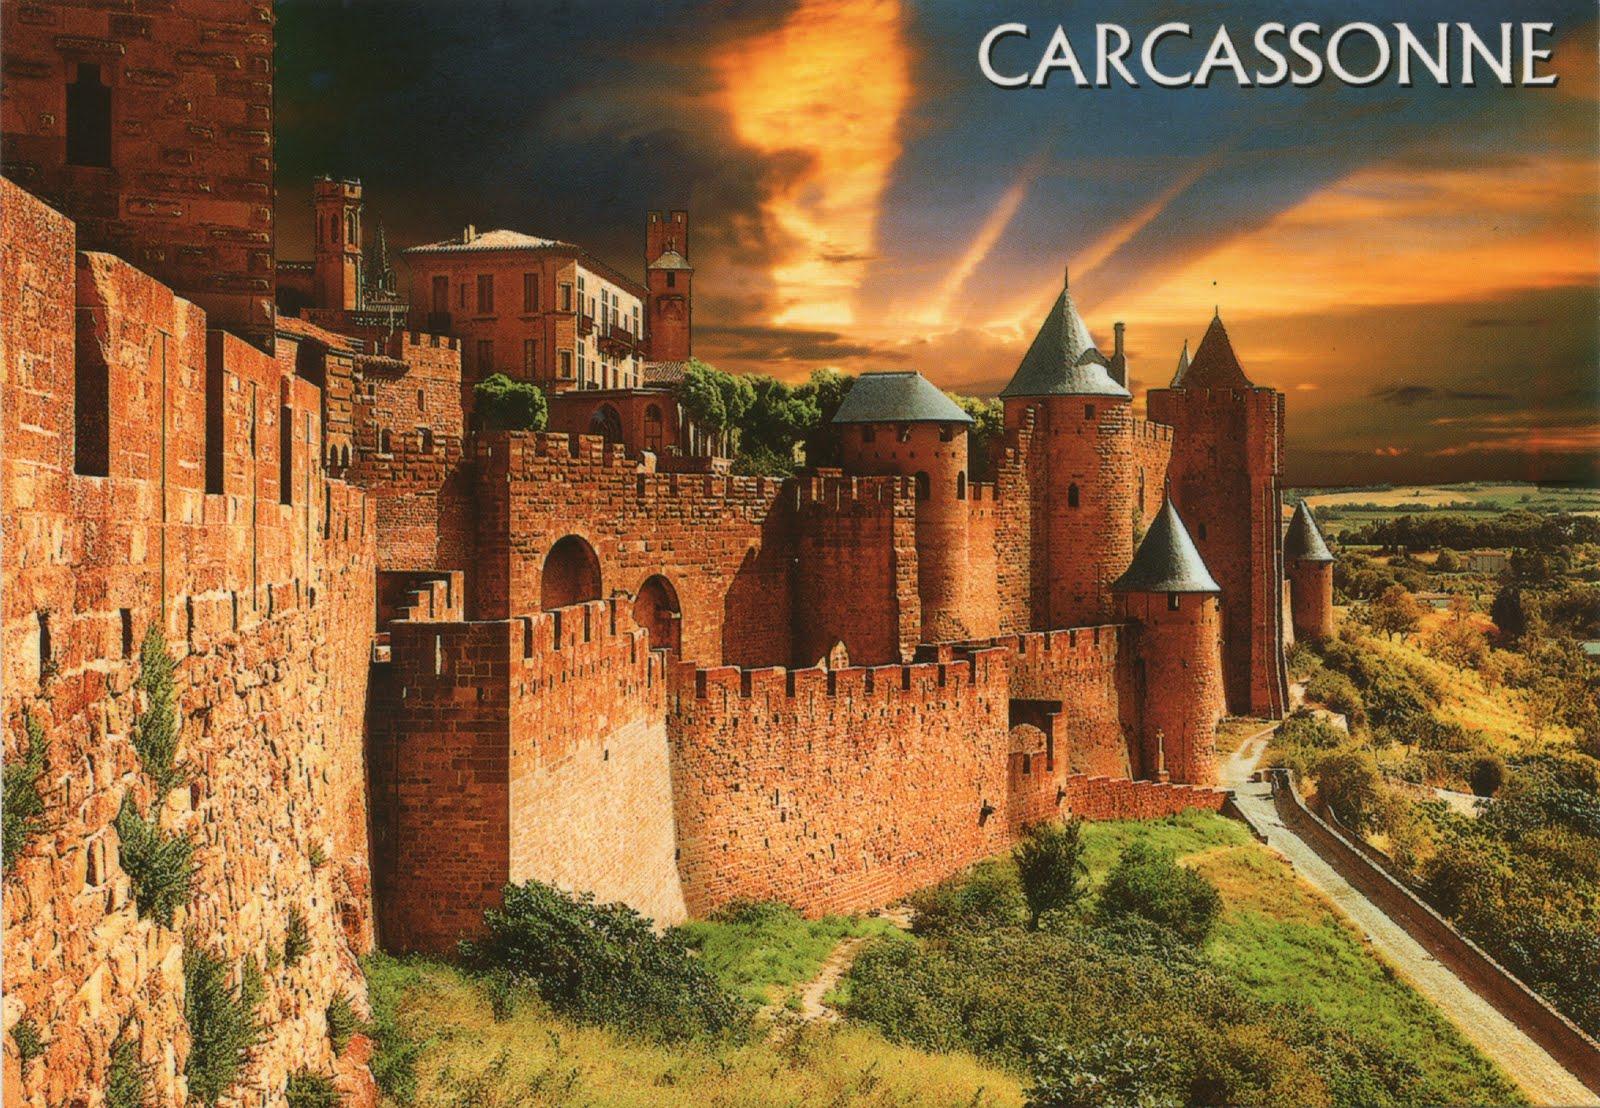 gersyko swap la cit de carcassonne la cit fortifi e. Black Bedroom Furniture Sets. Home Design Ideas